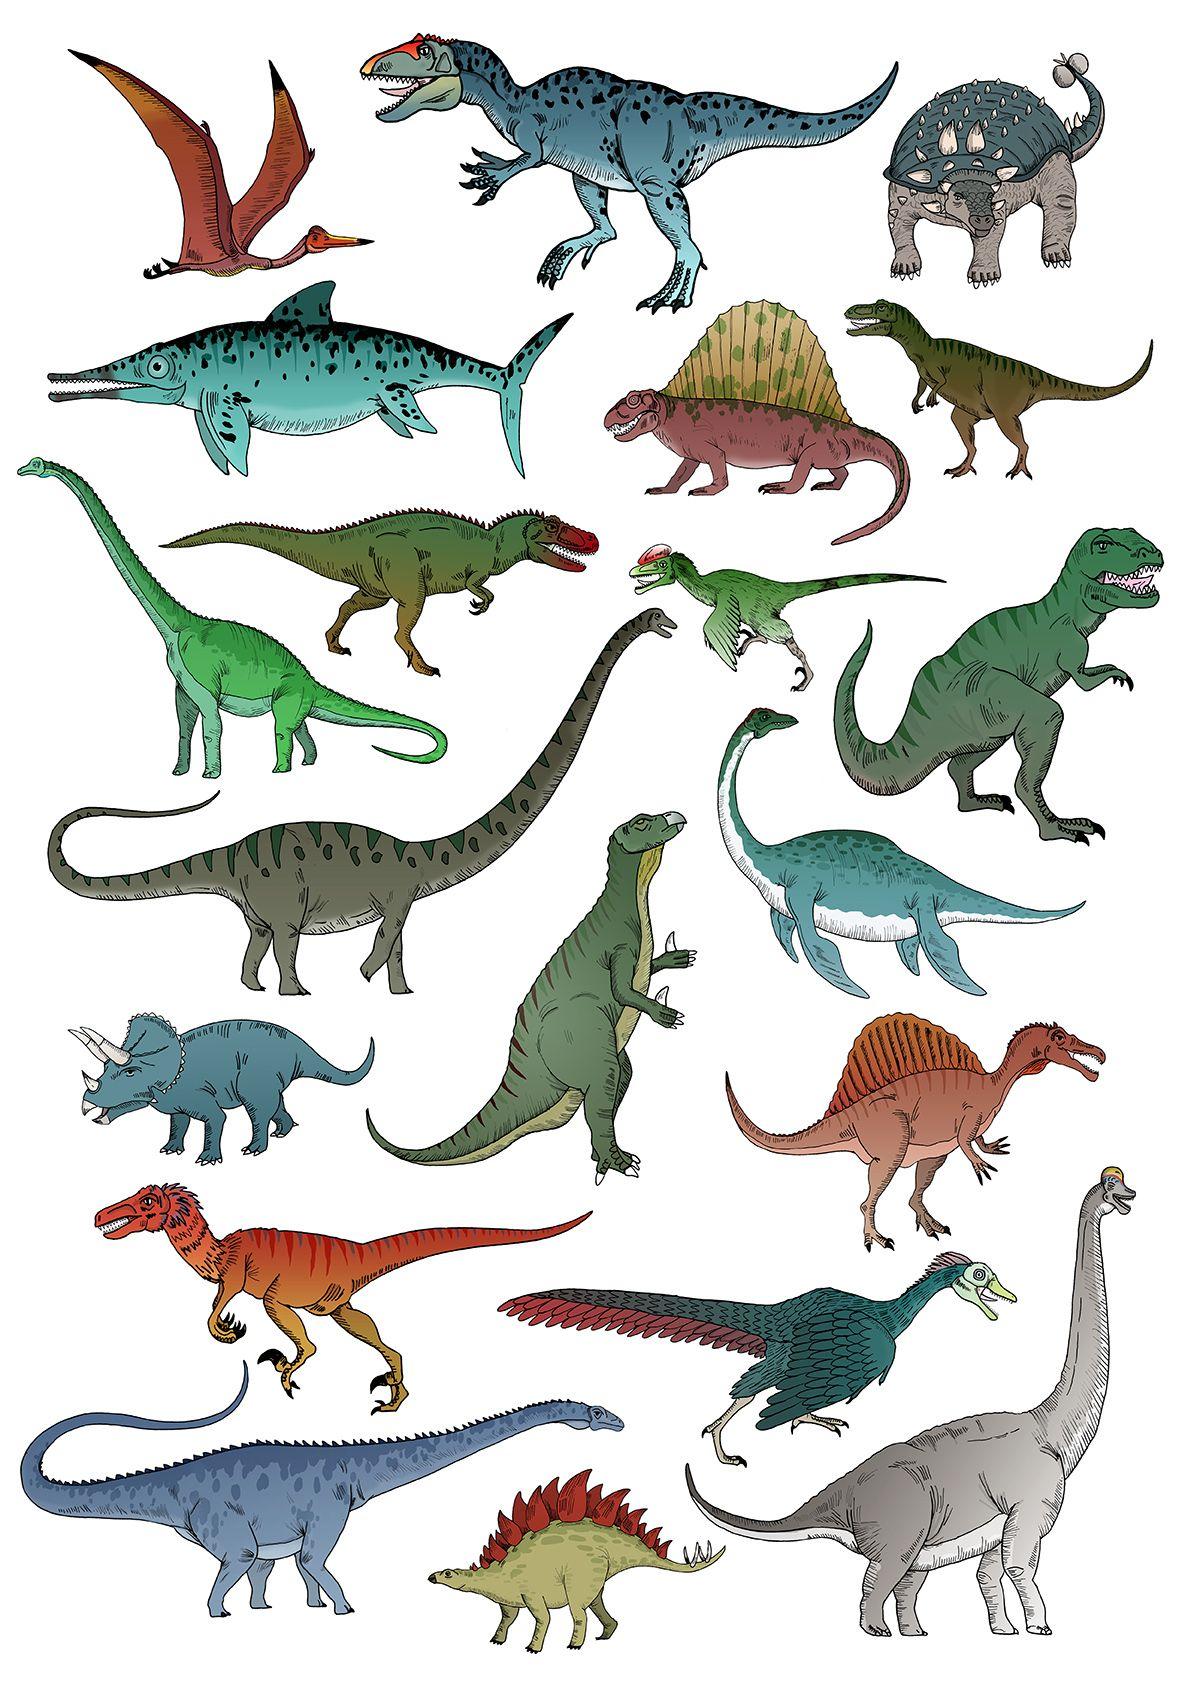 Картинка динозавра с названиями